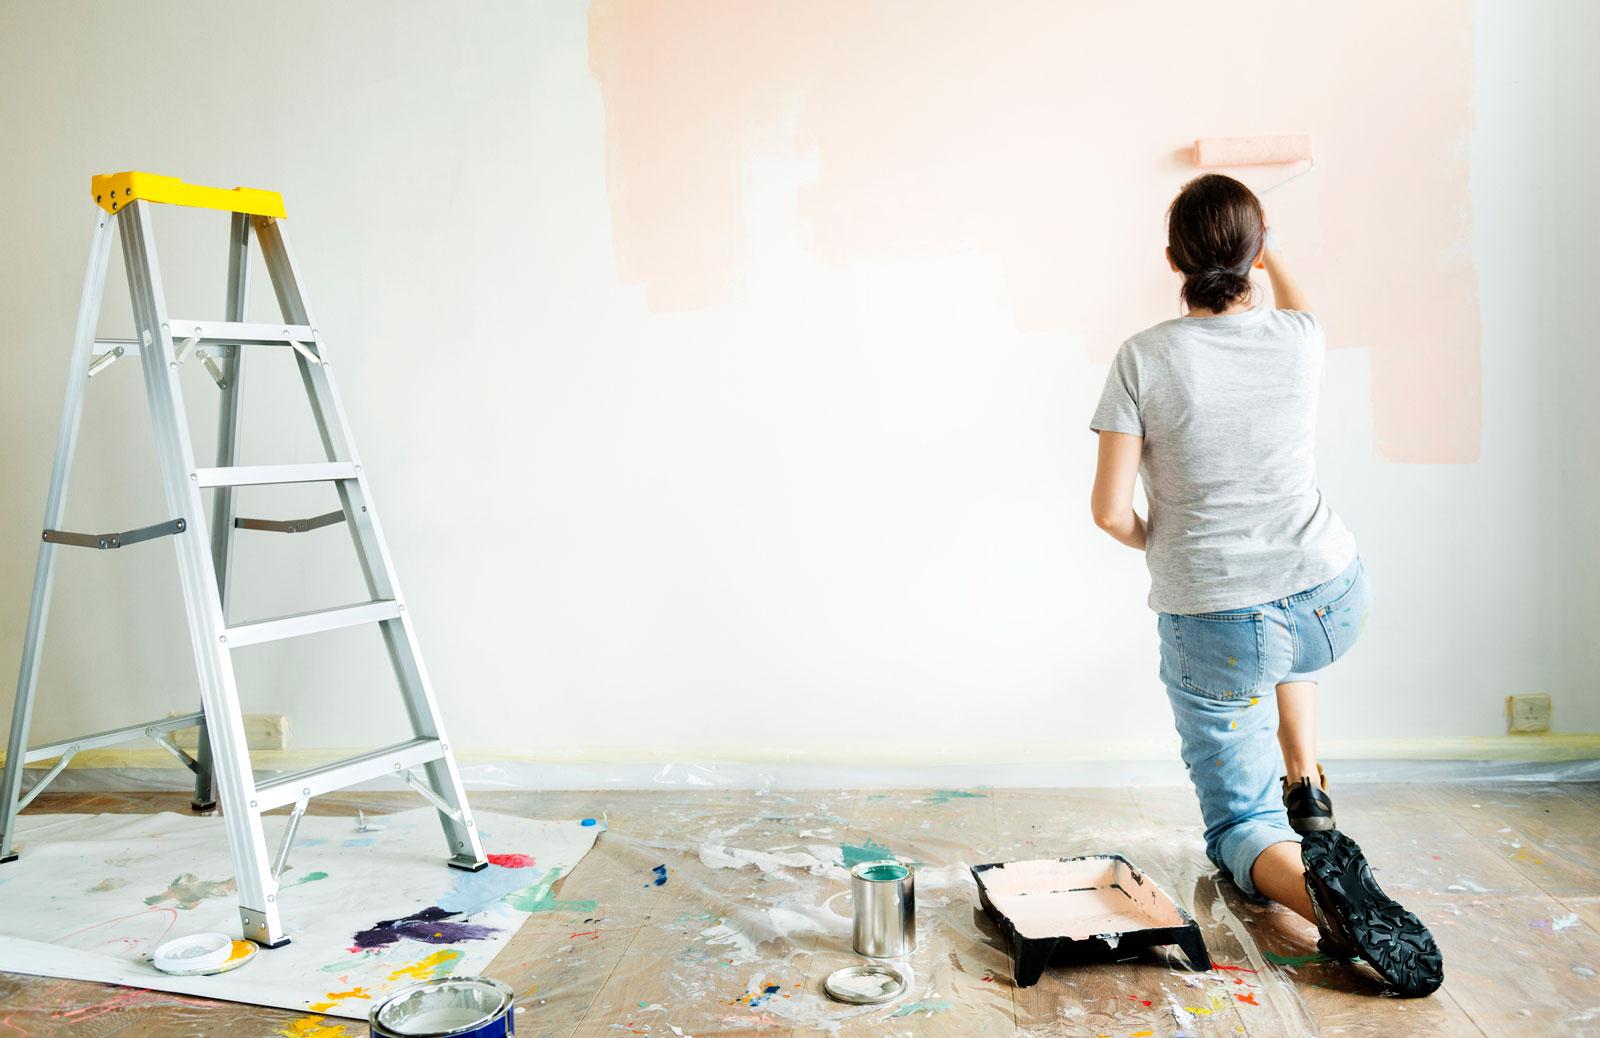 Frisch gestrichen: Mit den neuen Wandfarben kannst du frische Akzente setzen.